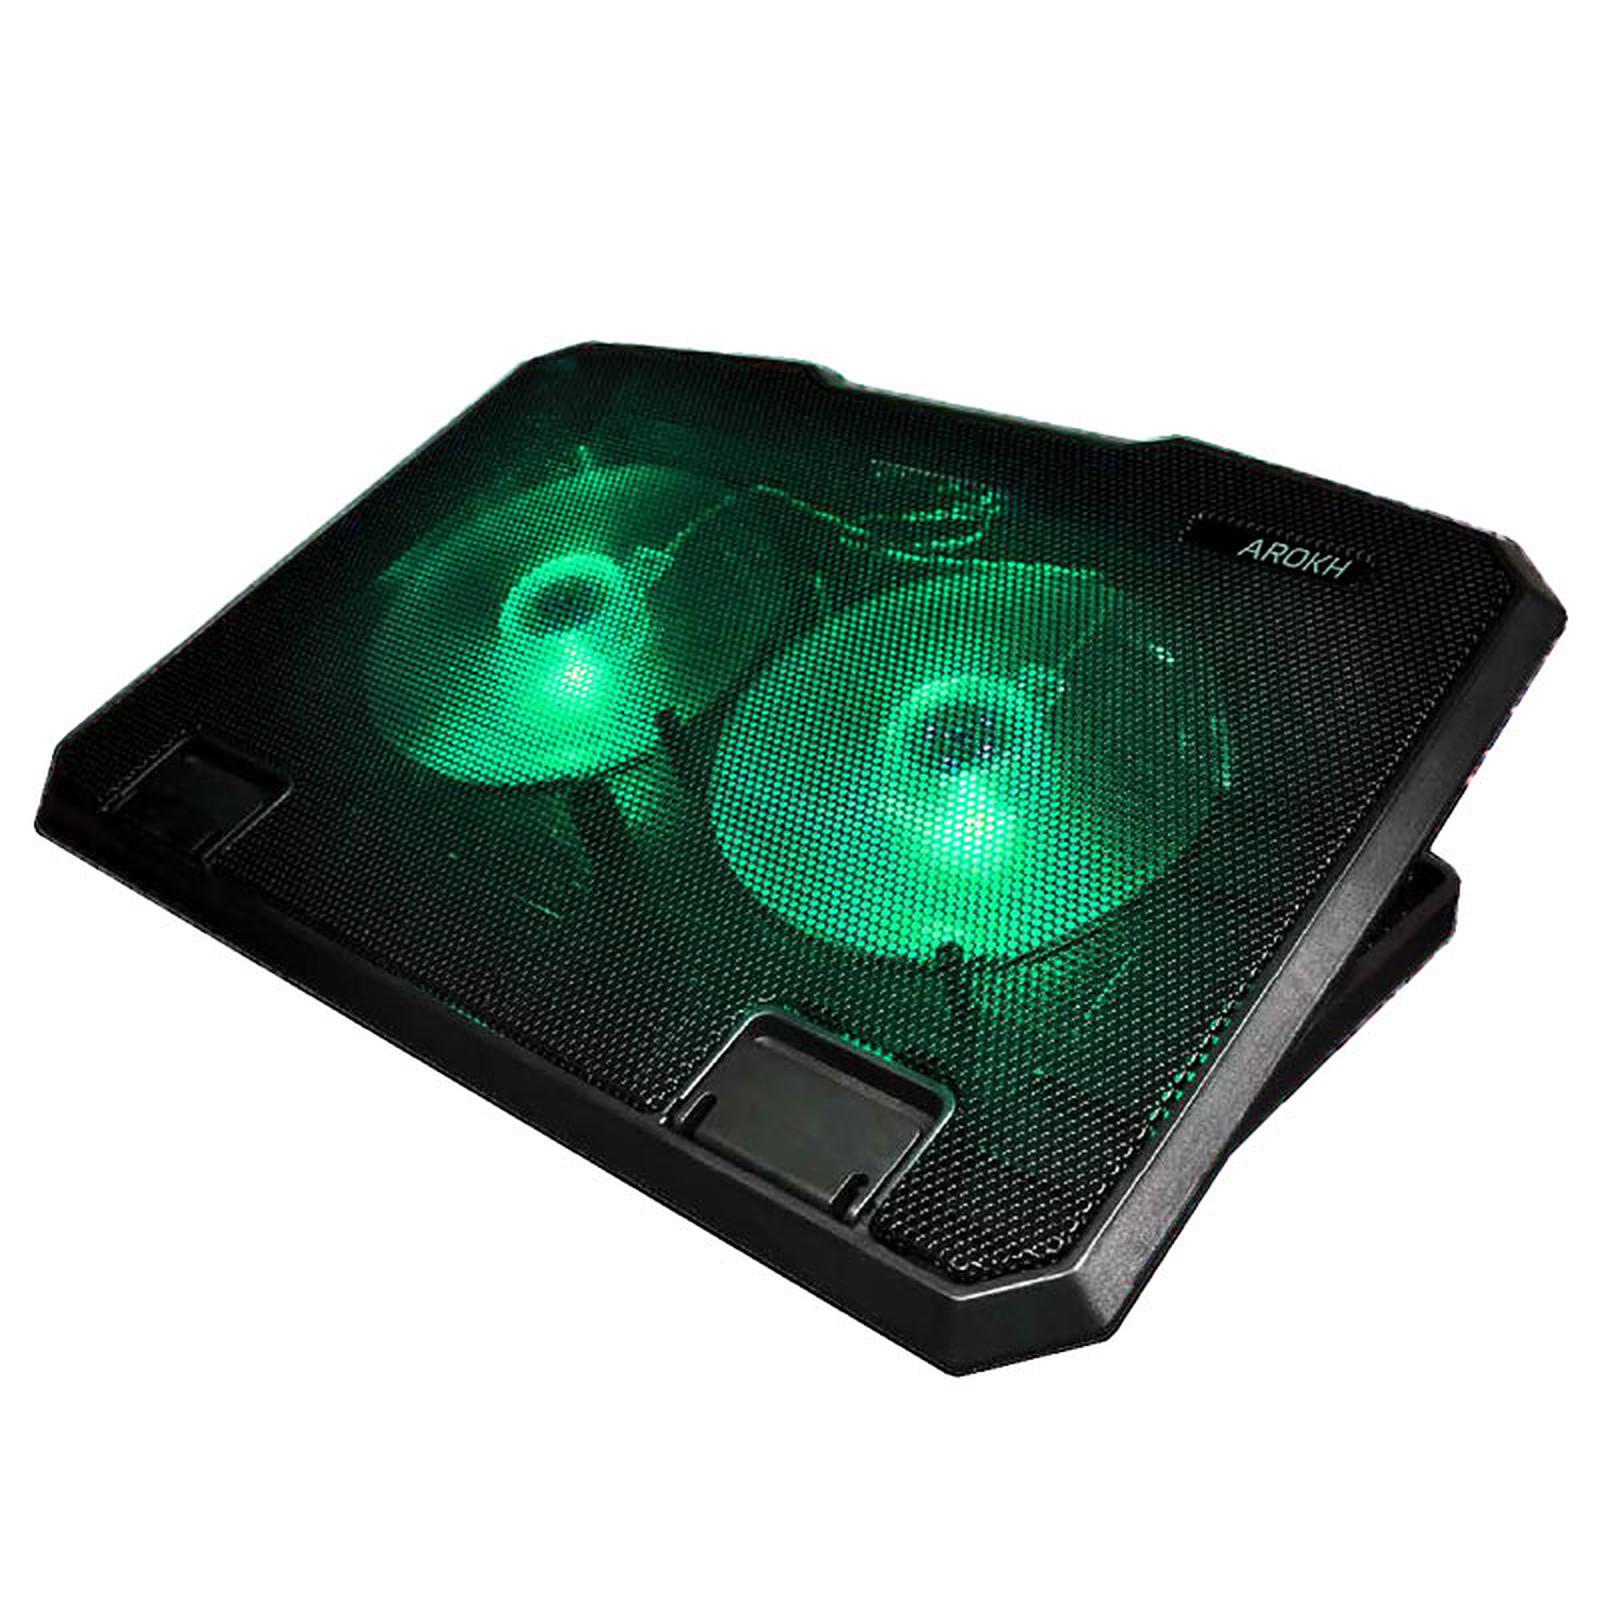 Arokh Gaming Cooler